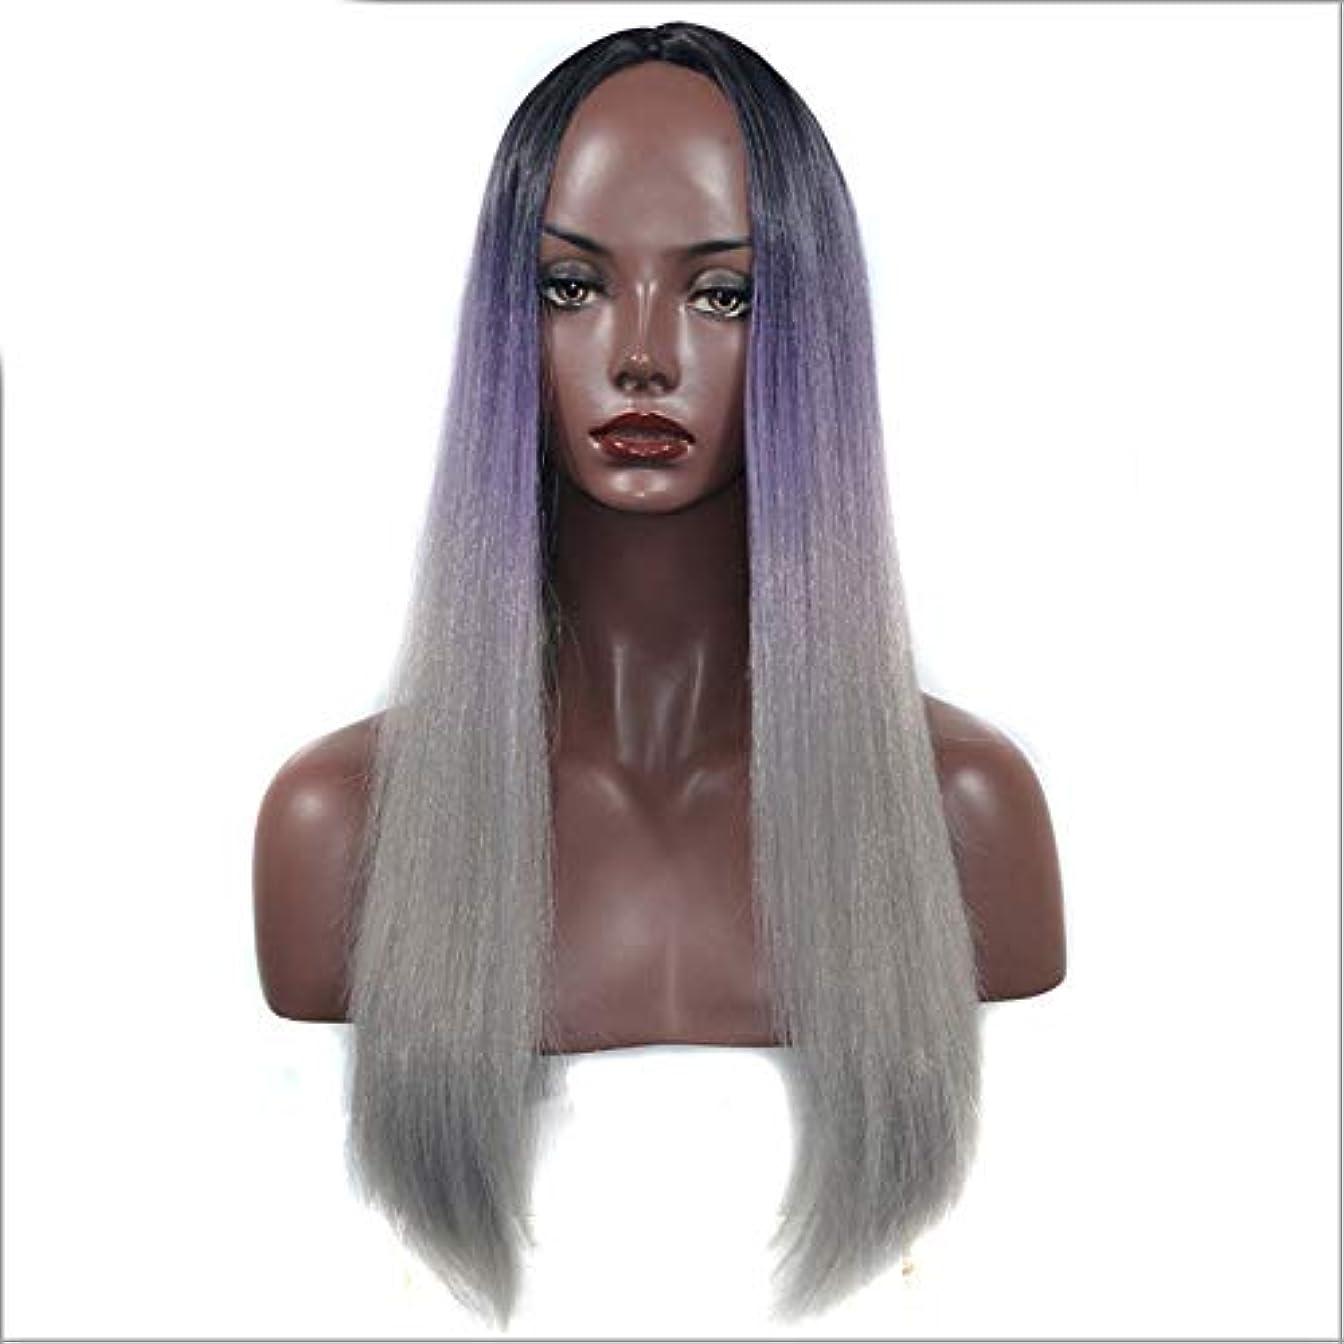 小説致命的な永遠のWASAIO 女性用ナチュラルウィッグブラックパープルグレーロングストレートヘアミドルパートアクセサリースタイル交換用コスプレパーティードレス (色 : Black purple gray, サイズ : 60cm)